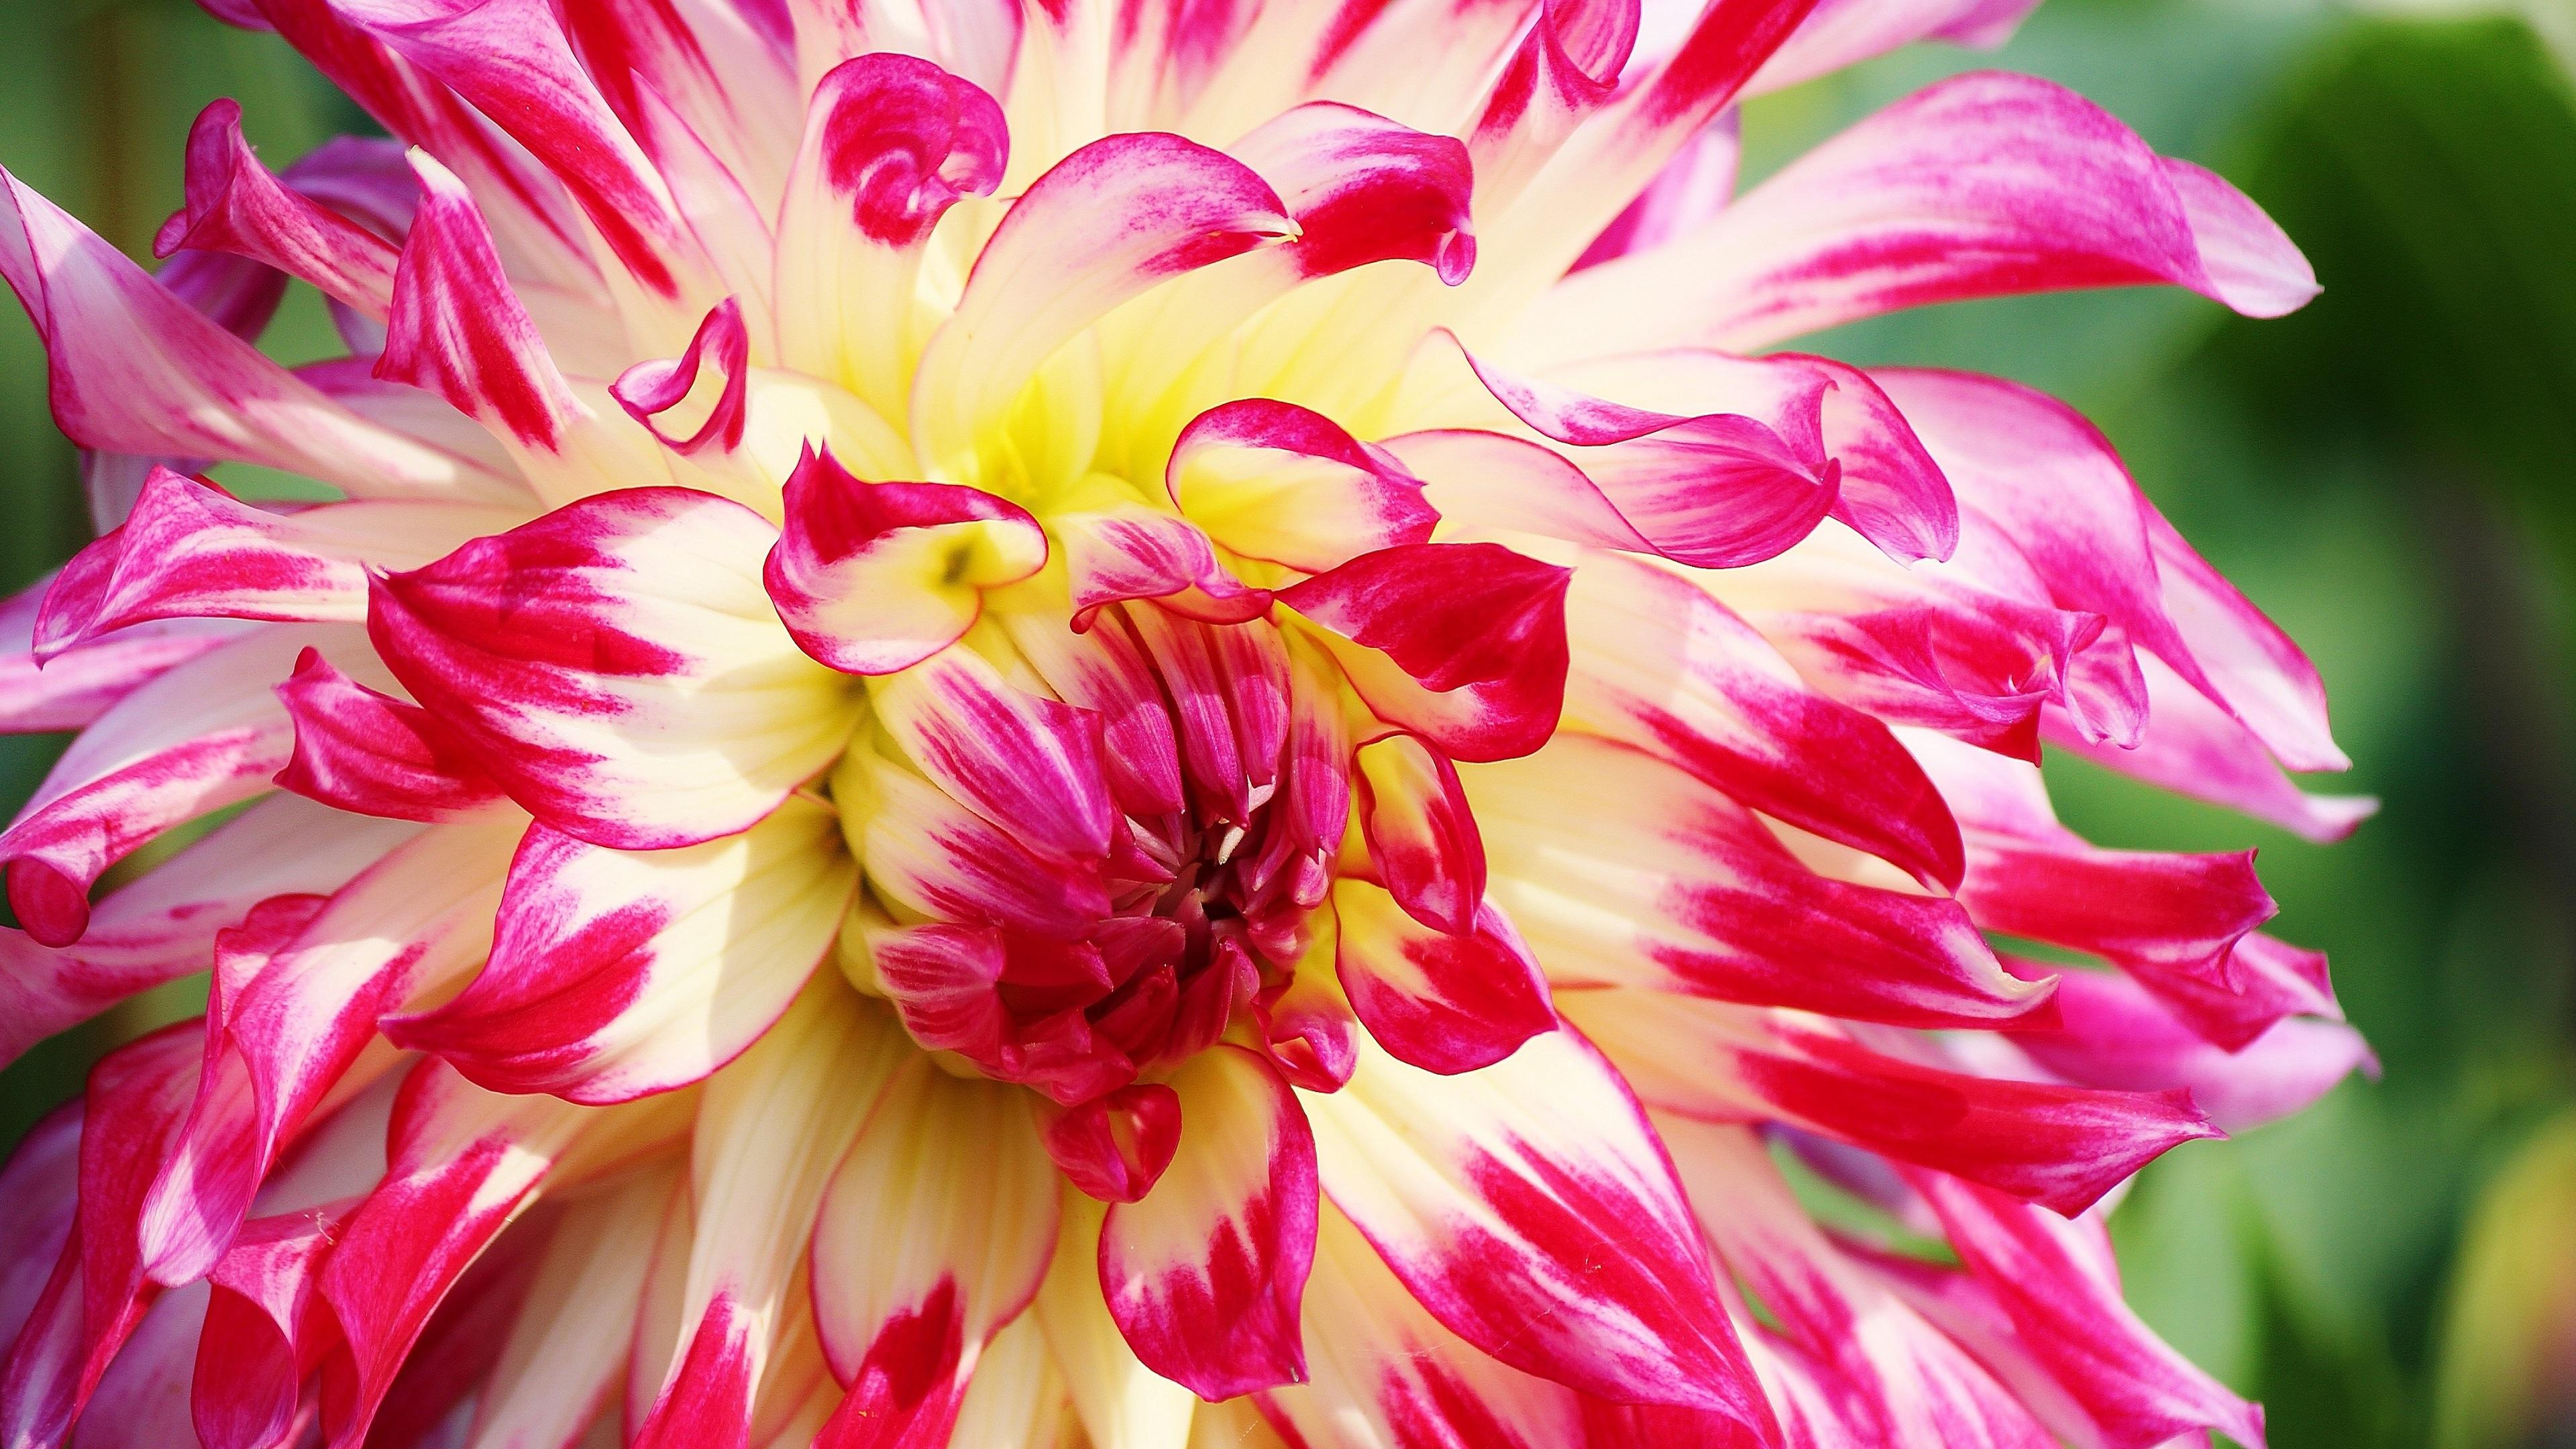 Hình ảnh hoa mùa xuân đẹp